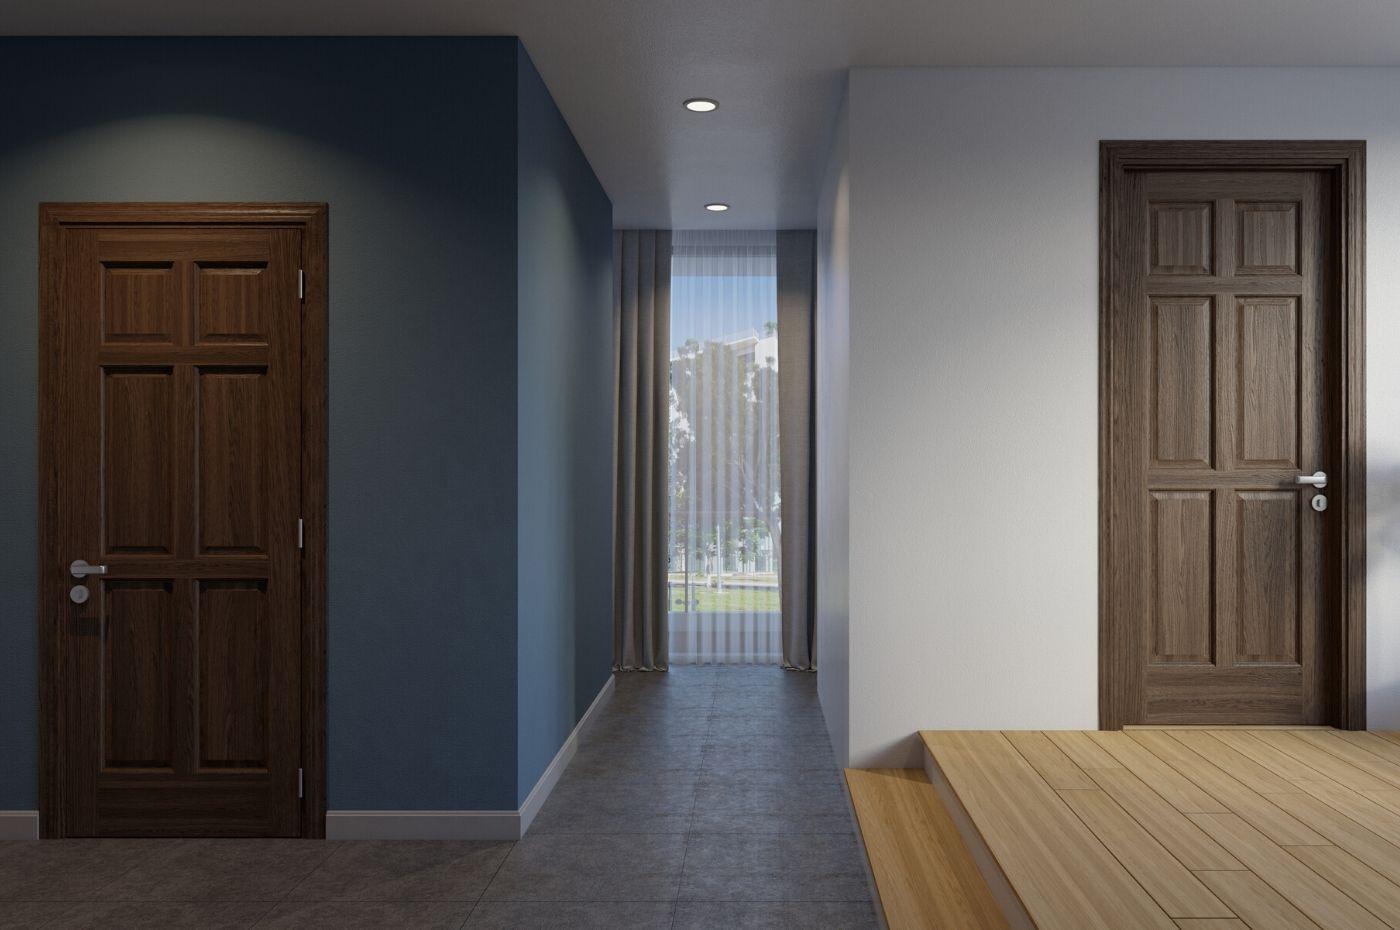 Lưu ý gì khi lựa chọn cửa gỗ phòng thờ, nhà thờ?